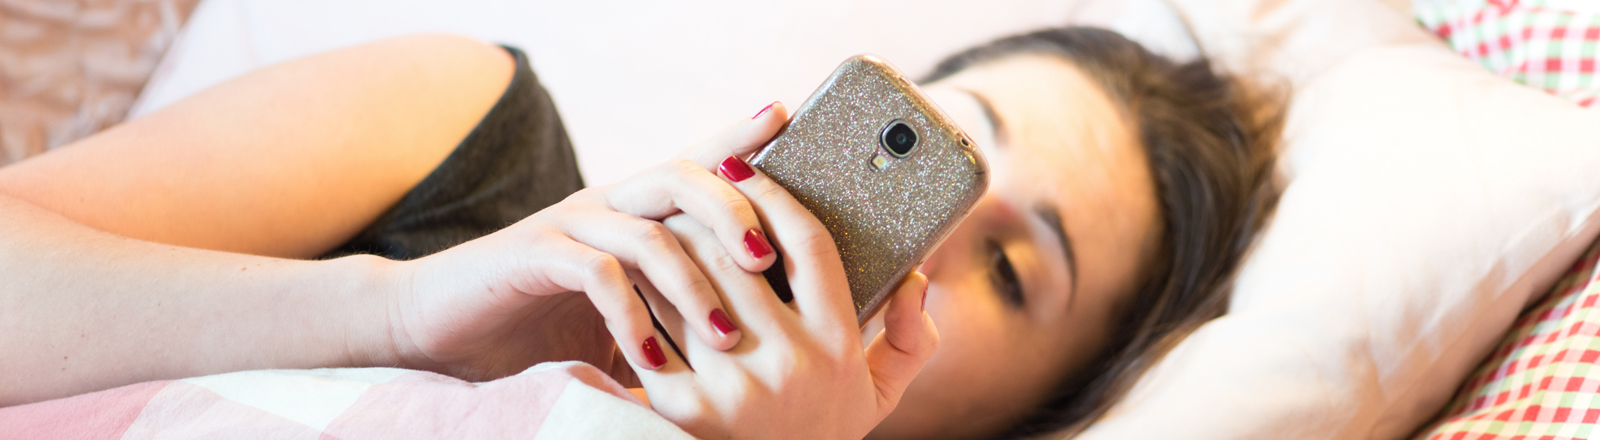 Ein junge Frau mit Smartphone im Bett